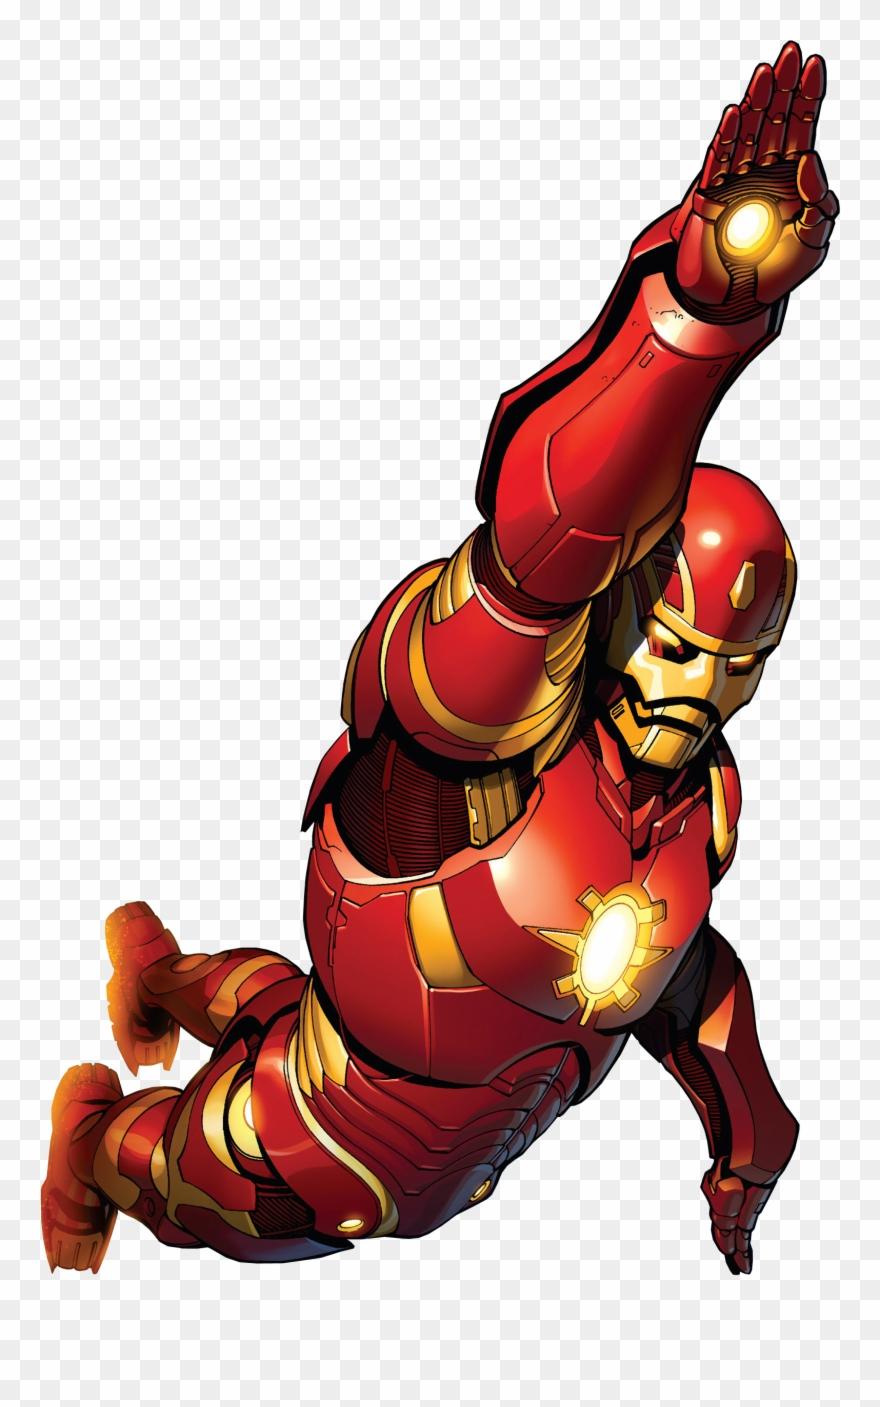 Iron man clipart animated transparent iron man model 45 - Iron man cartoon download ...